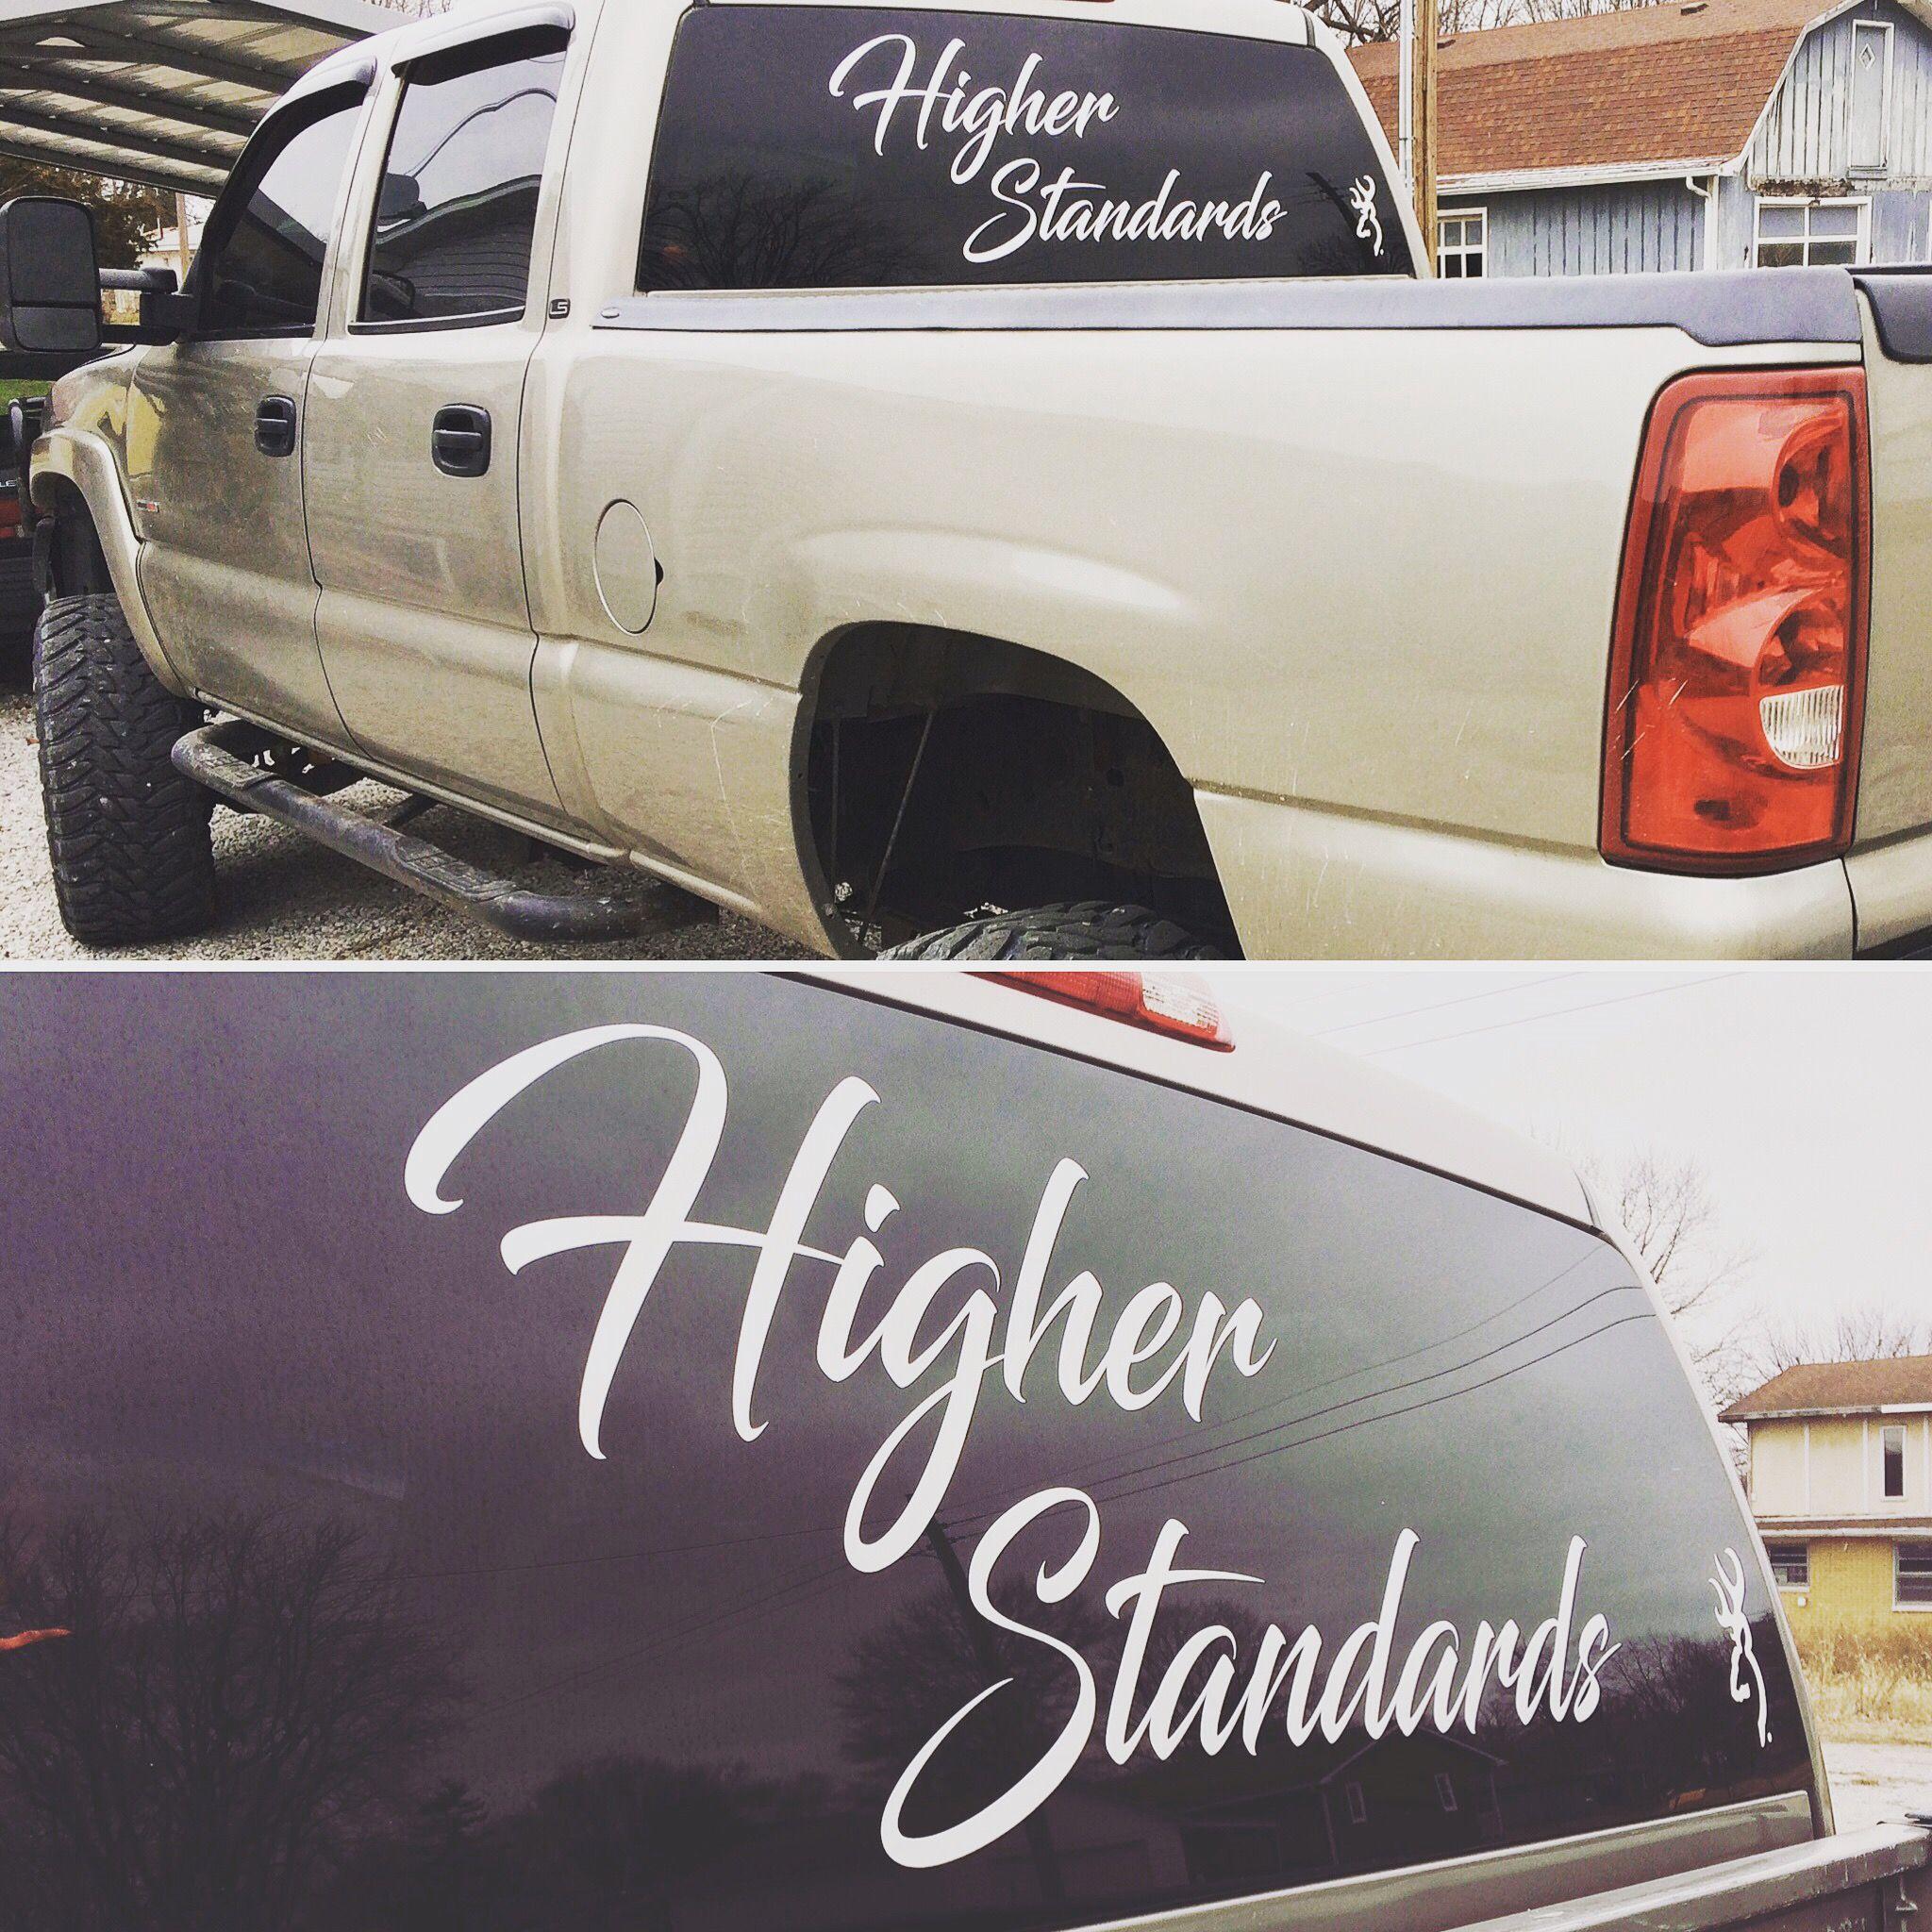 Custom Window Banners By Chrislow Vinyl Diesel Truck Decals - Custom car window decals metal